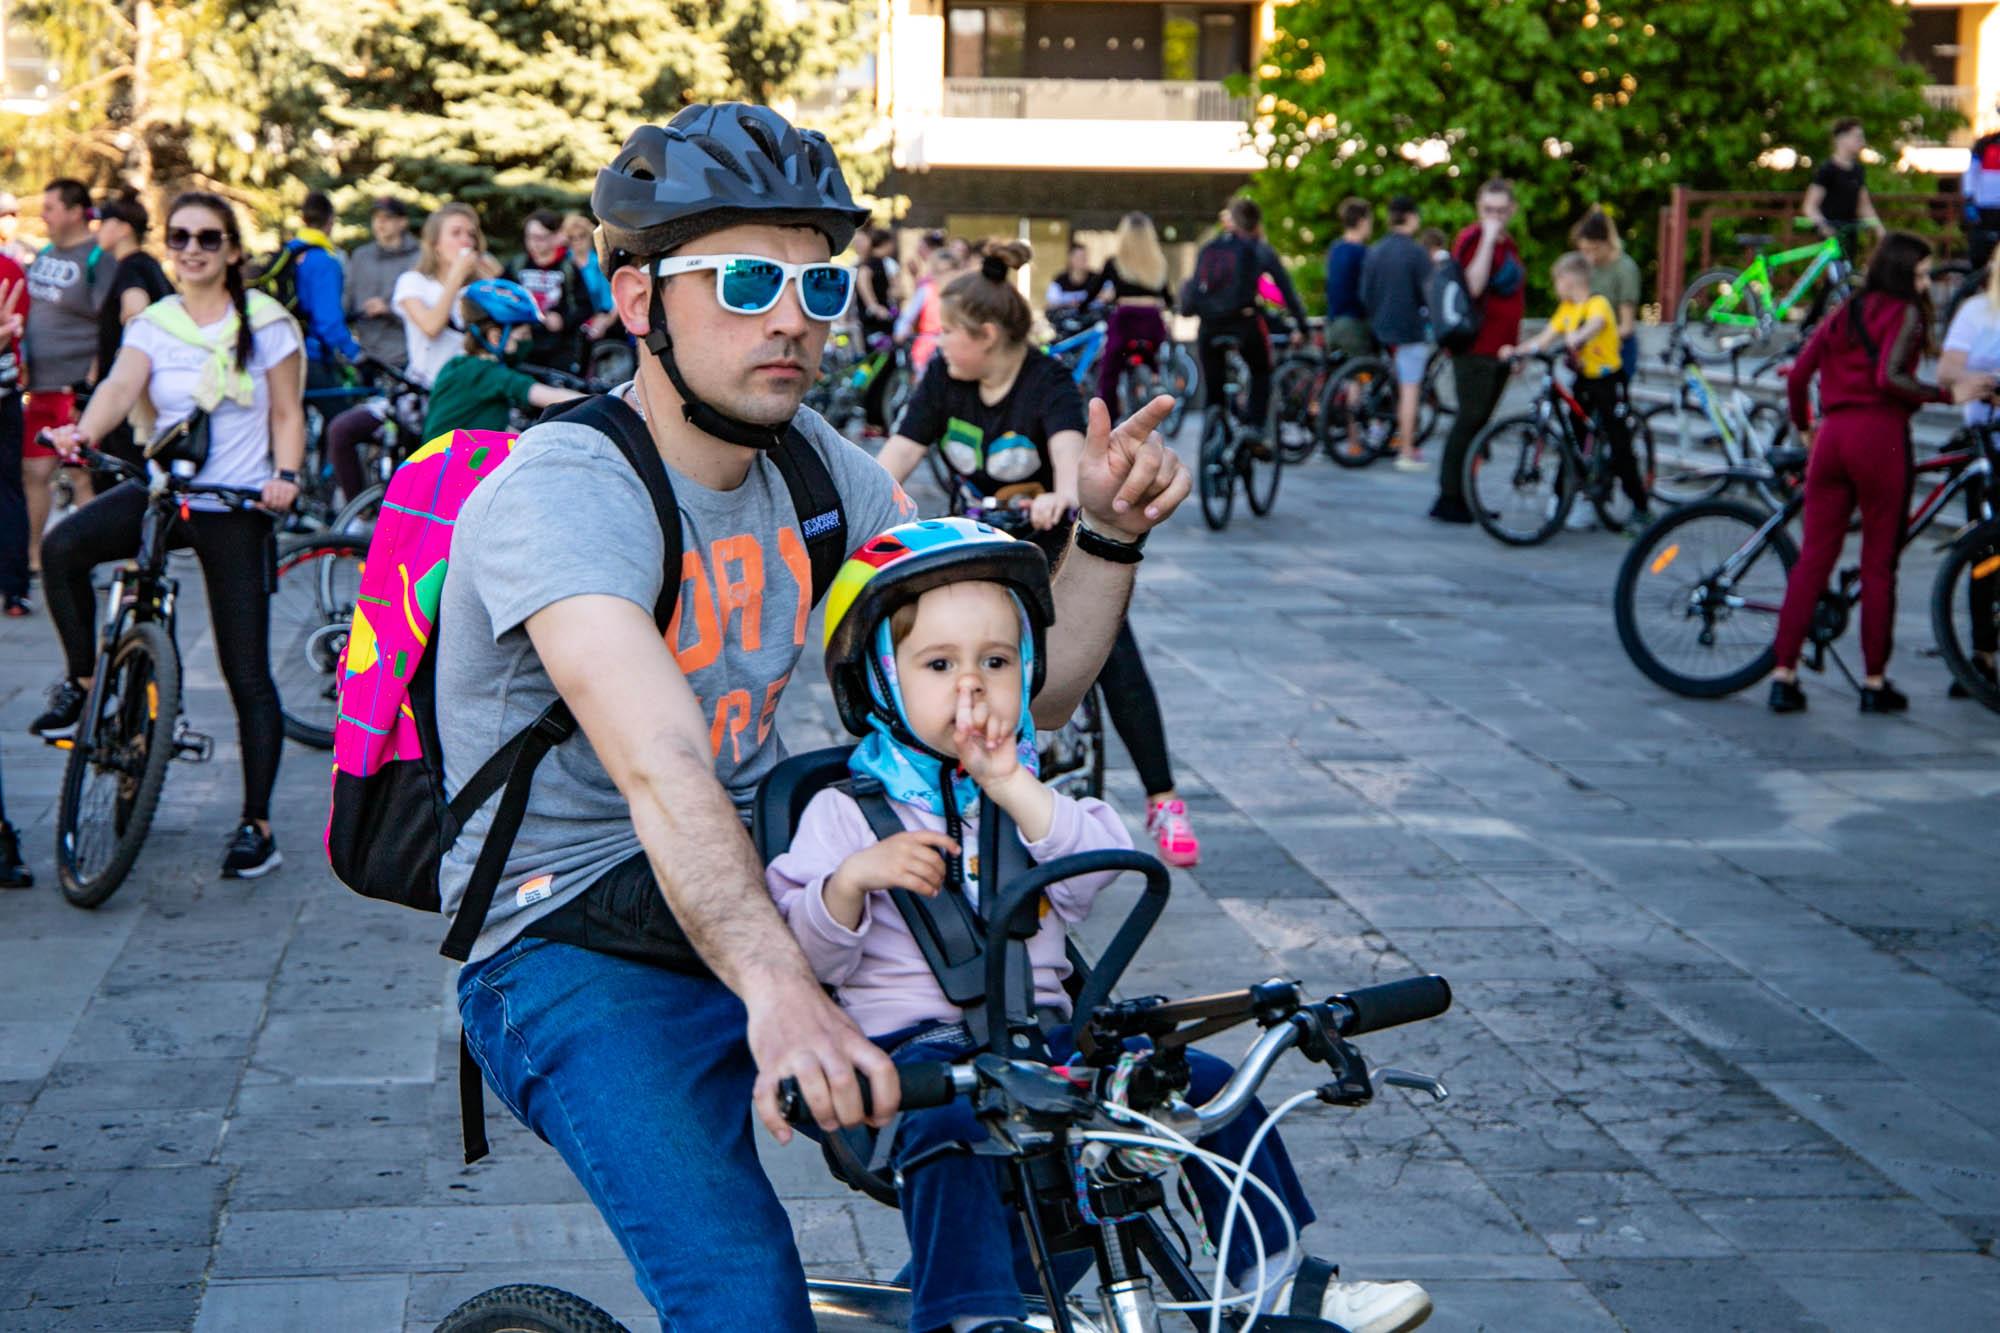 Велозаїзд «Big City Ride» організувала в Ужгороді Закарпатська туристична організація.